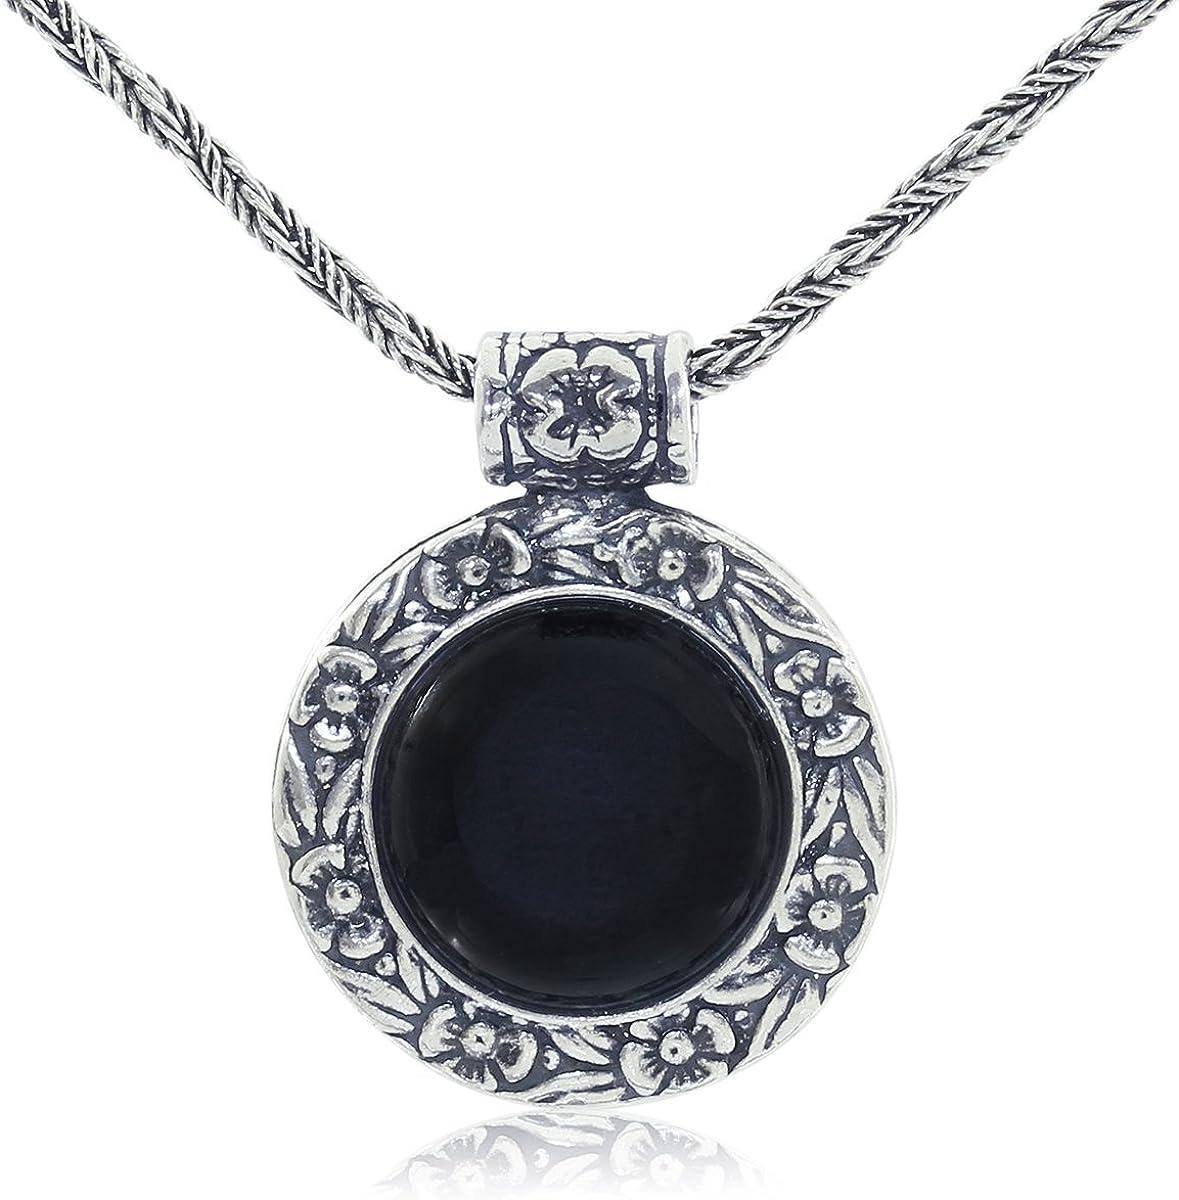 Collar de piedras preciosas redondas con diseño floral antiguo, con cadena de plata de ley 925 trenzada, 50,8 cm